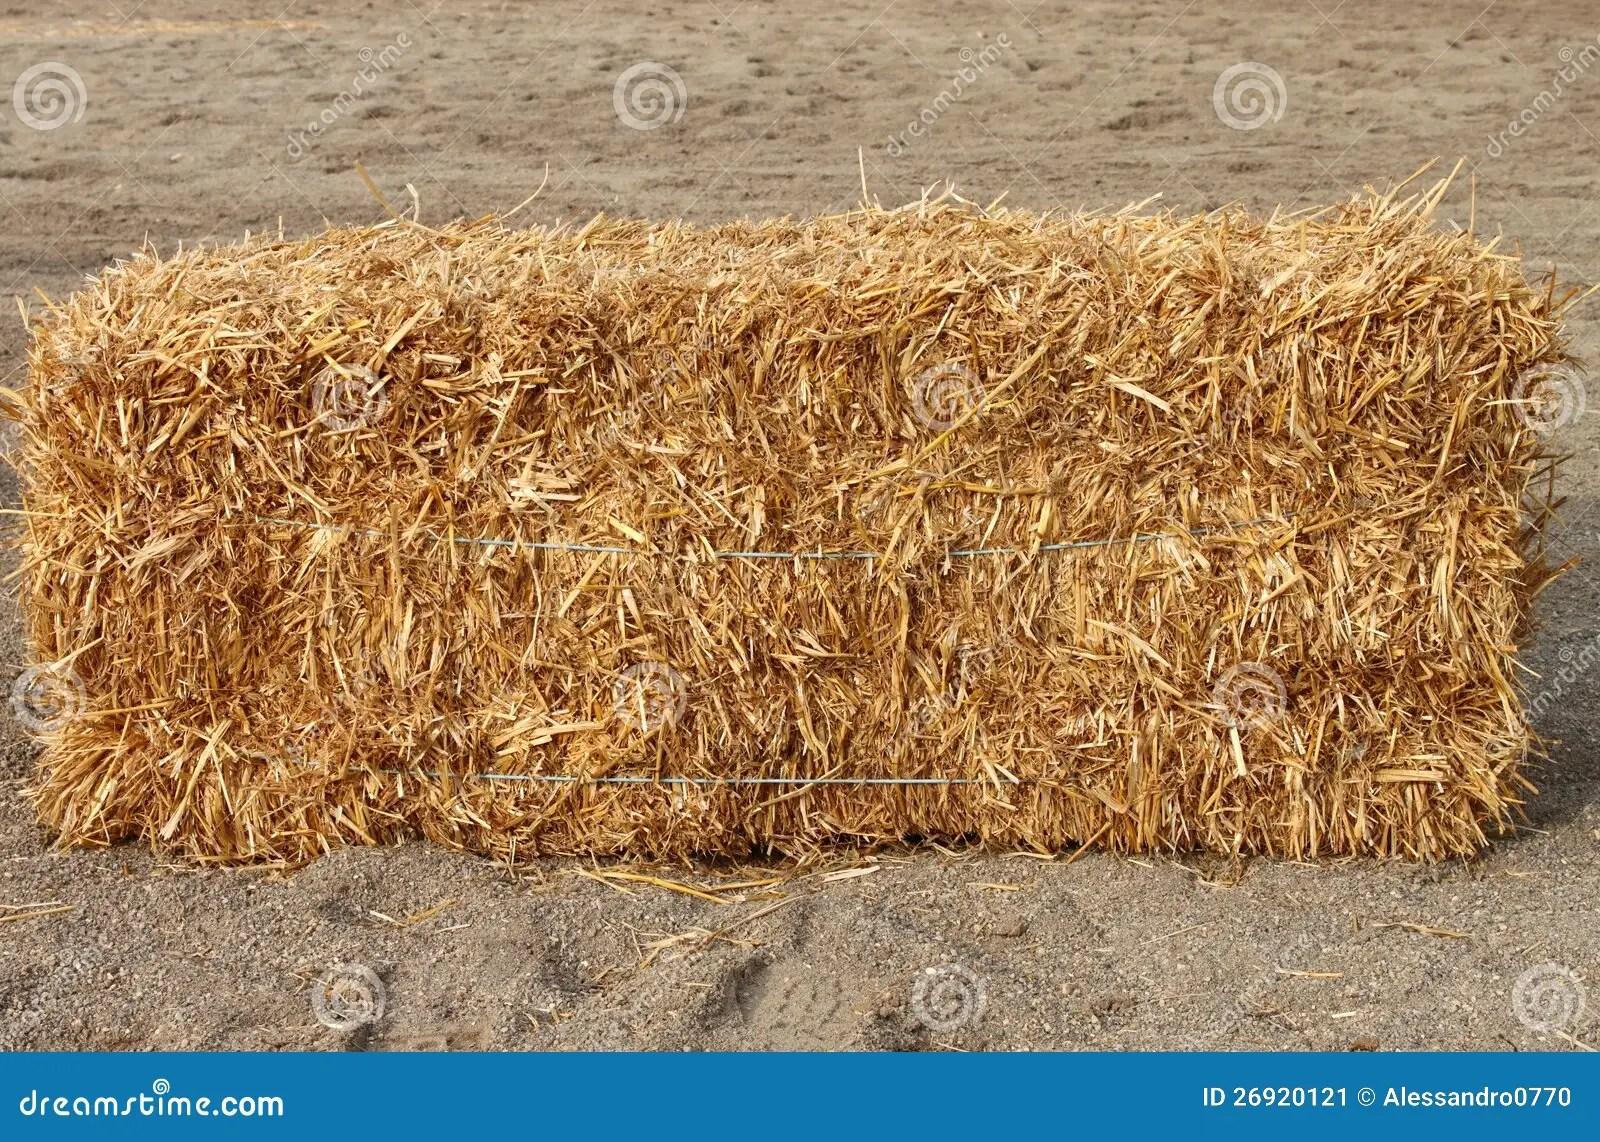 Balla di fieno quadrata immagine stock Immagine di podere